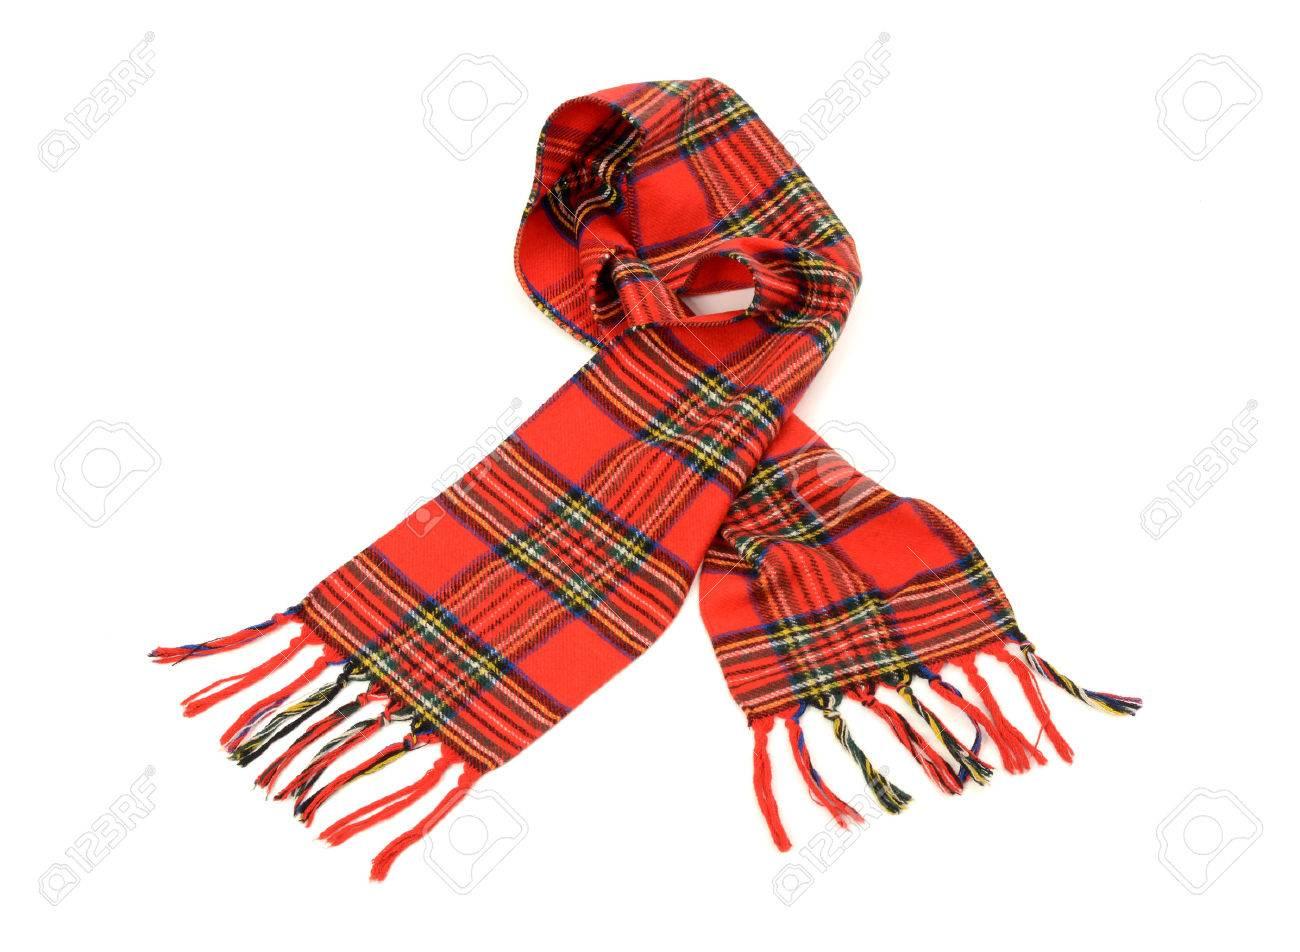 bd2b969b735d Banque d images - Echarpe d hiver Tartan avec une frange. foulard à  carreaux rouge isolé sur fond blanc.